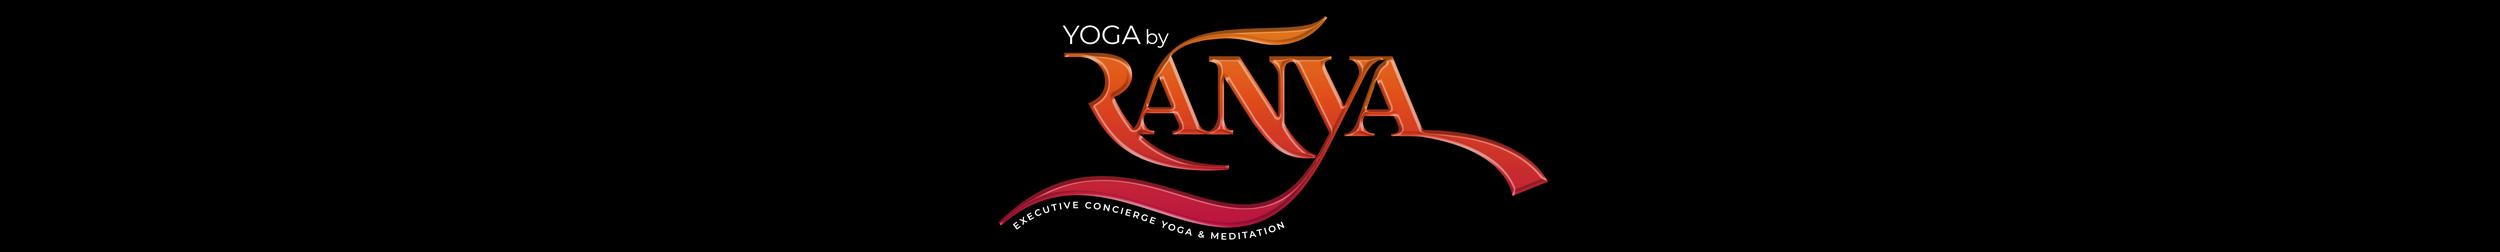 © 2019 RANYA ANABTAWI | 650.517-3301 | RANYA@YOGABYRANYA.COM